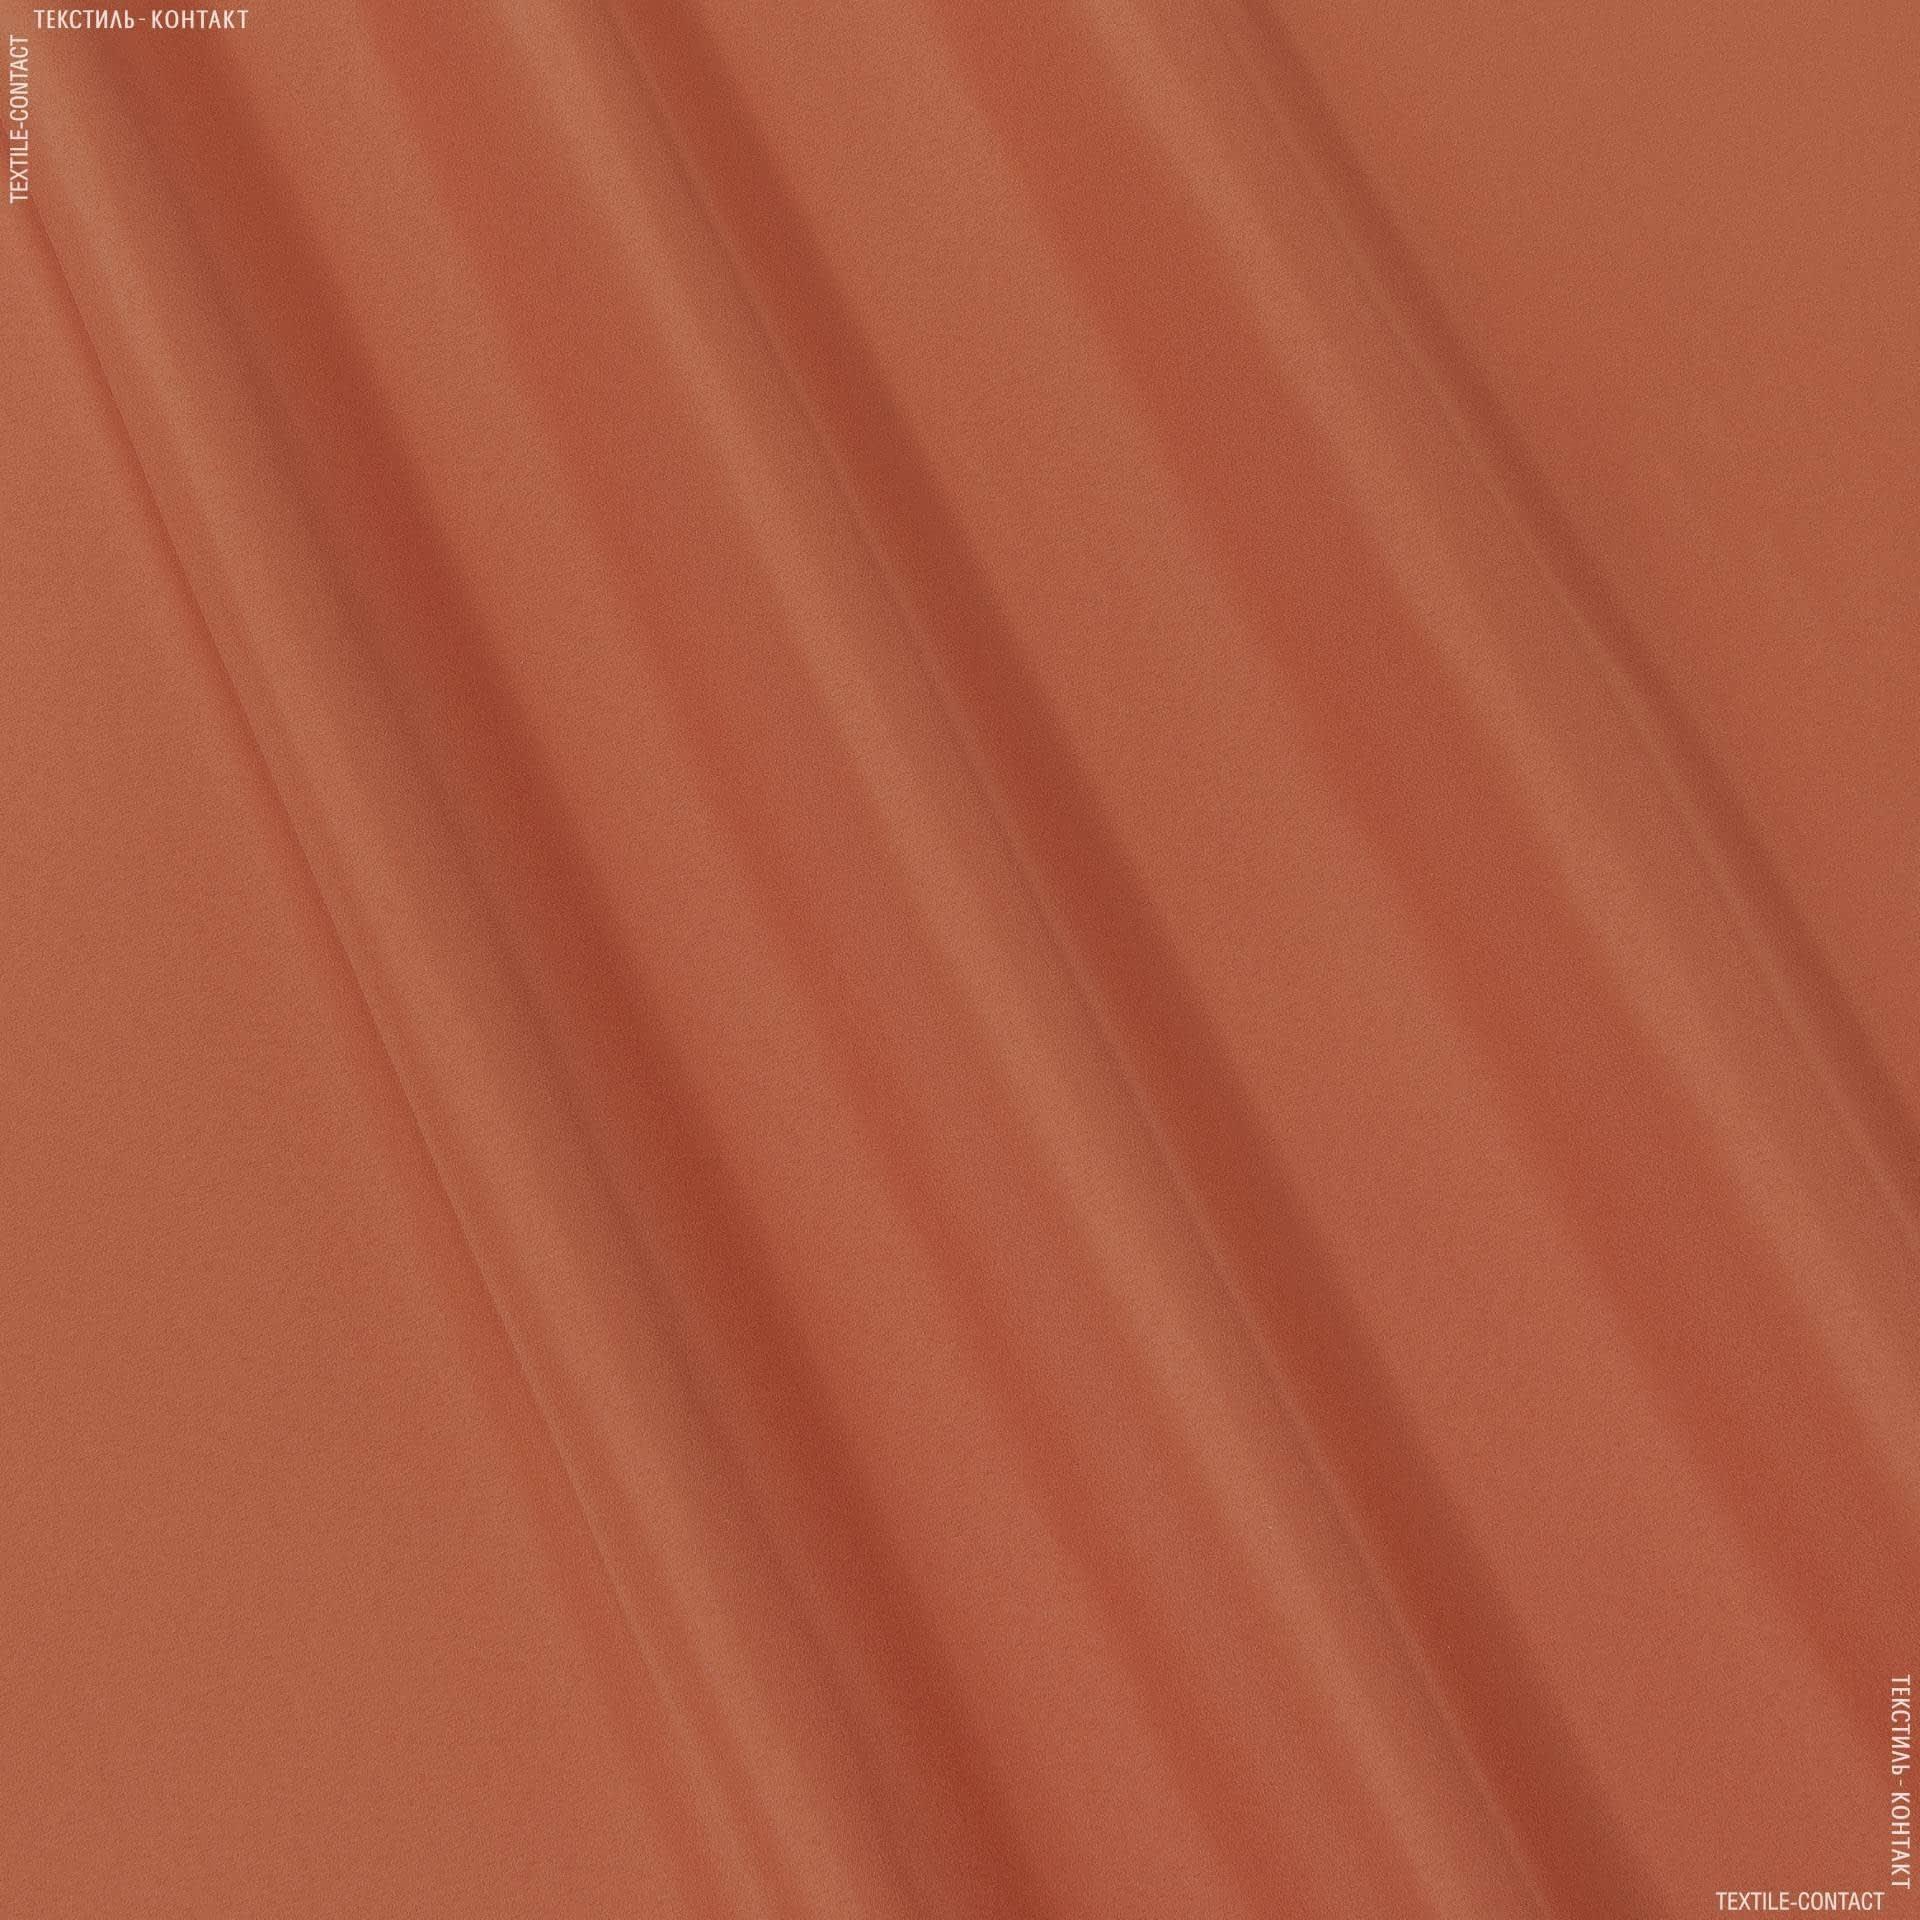 Ткани для верхней одежды - Плащевая бондинг темно-оранжевый